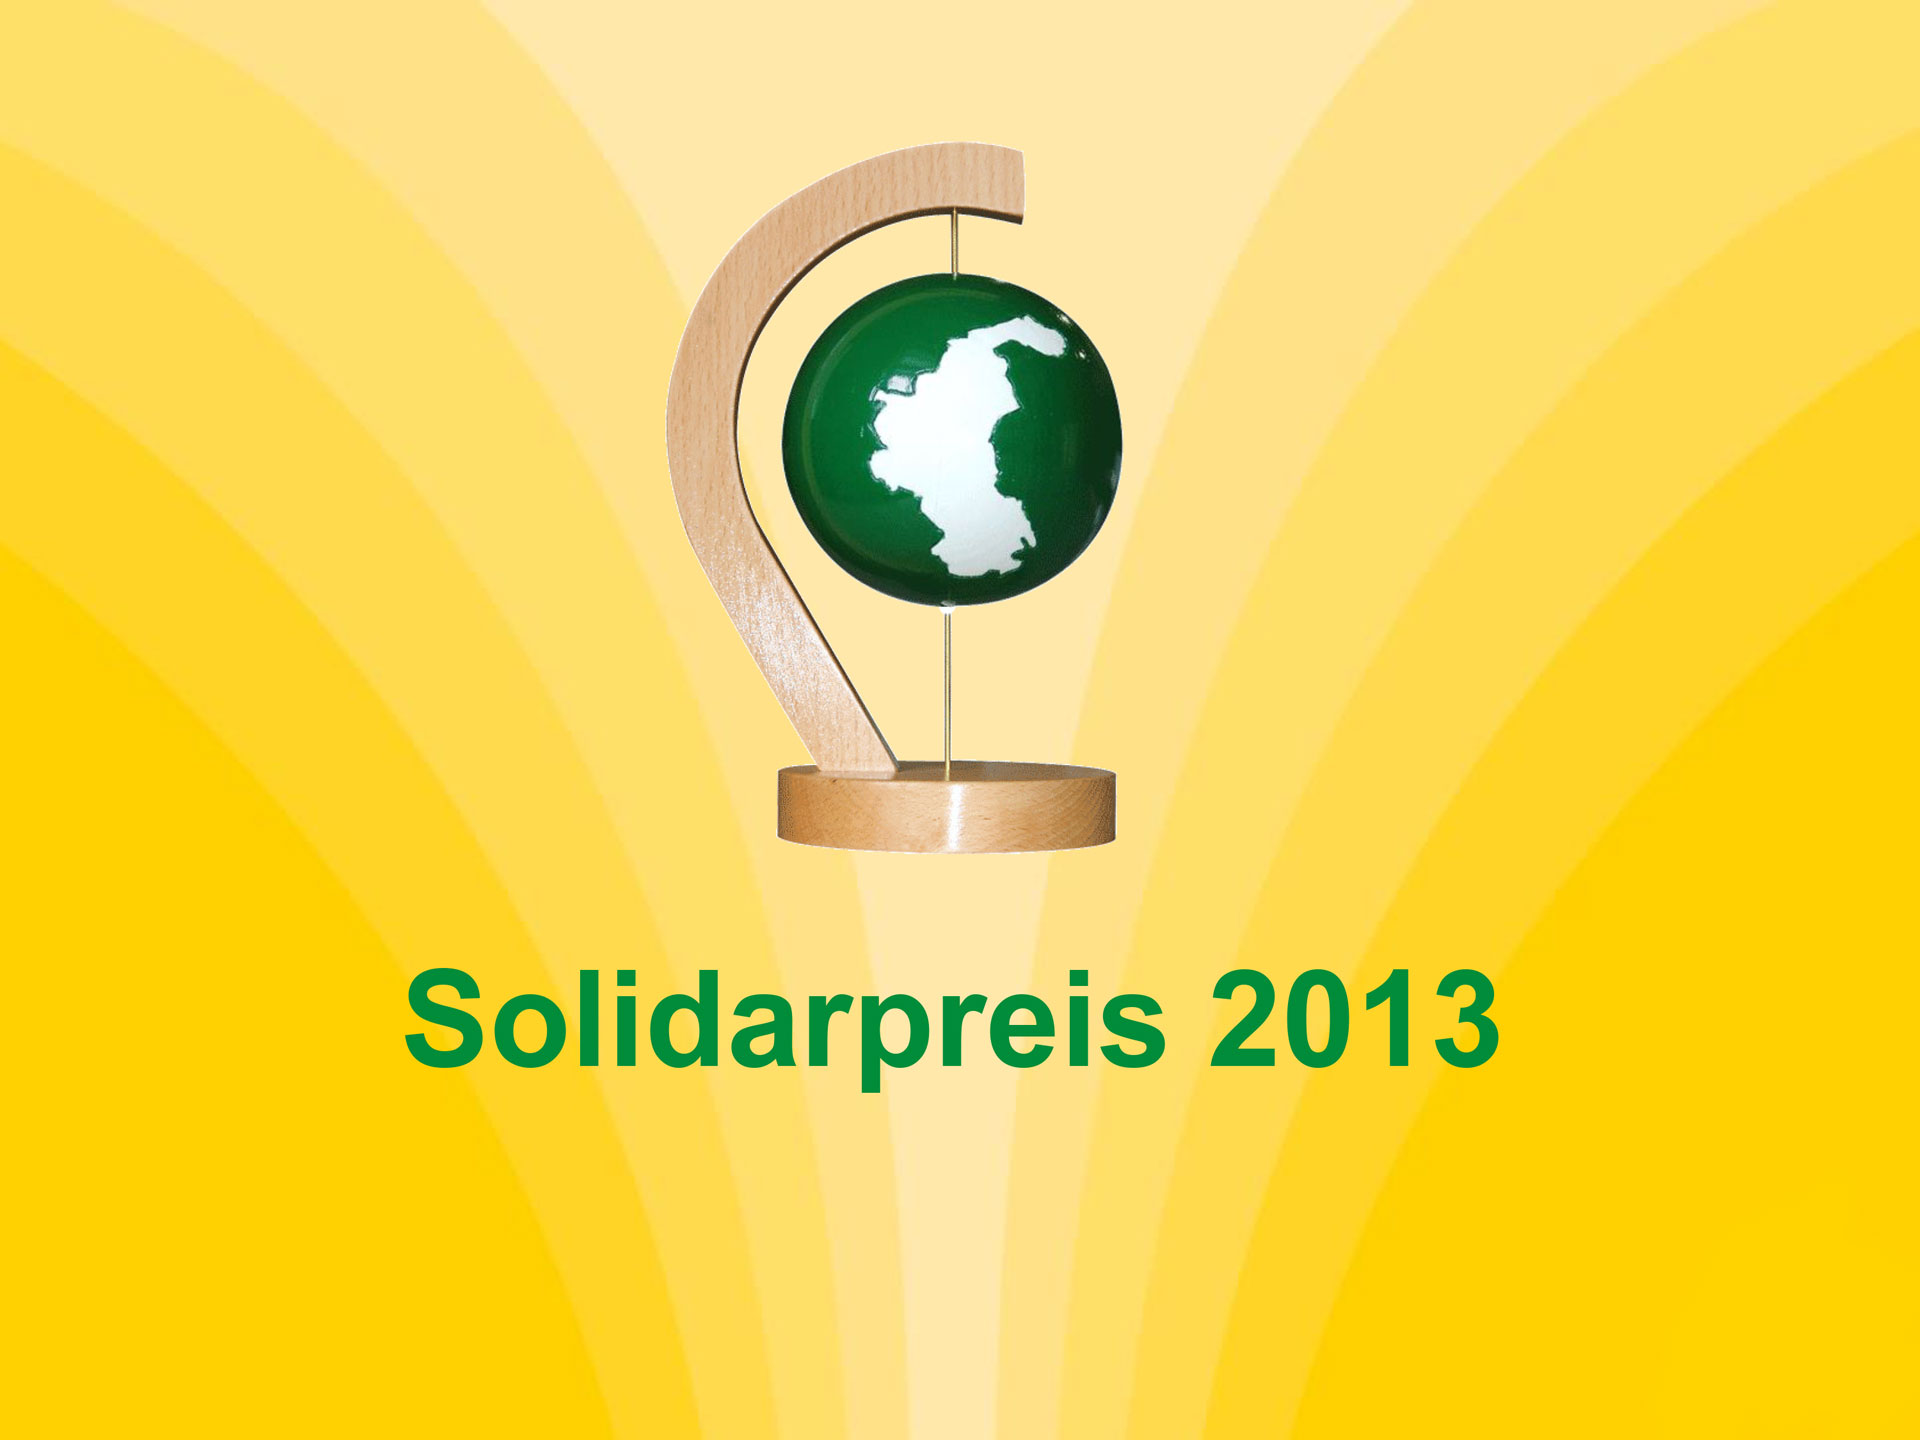 Solidarpreis_2013-1